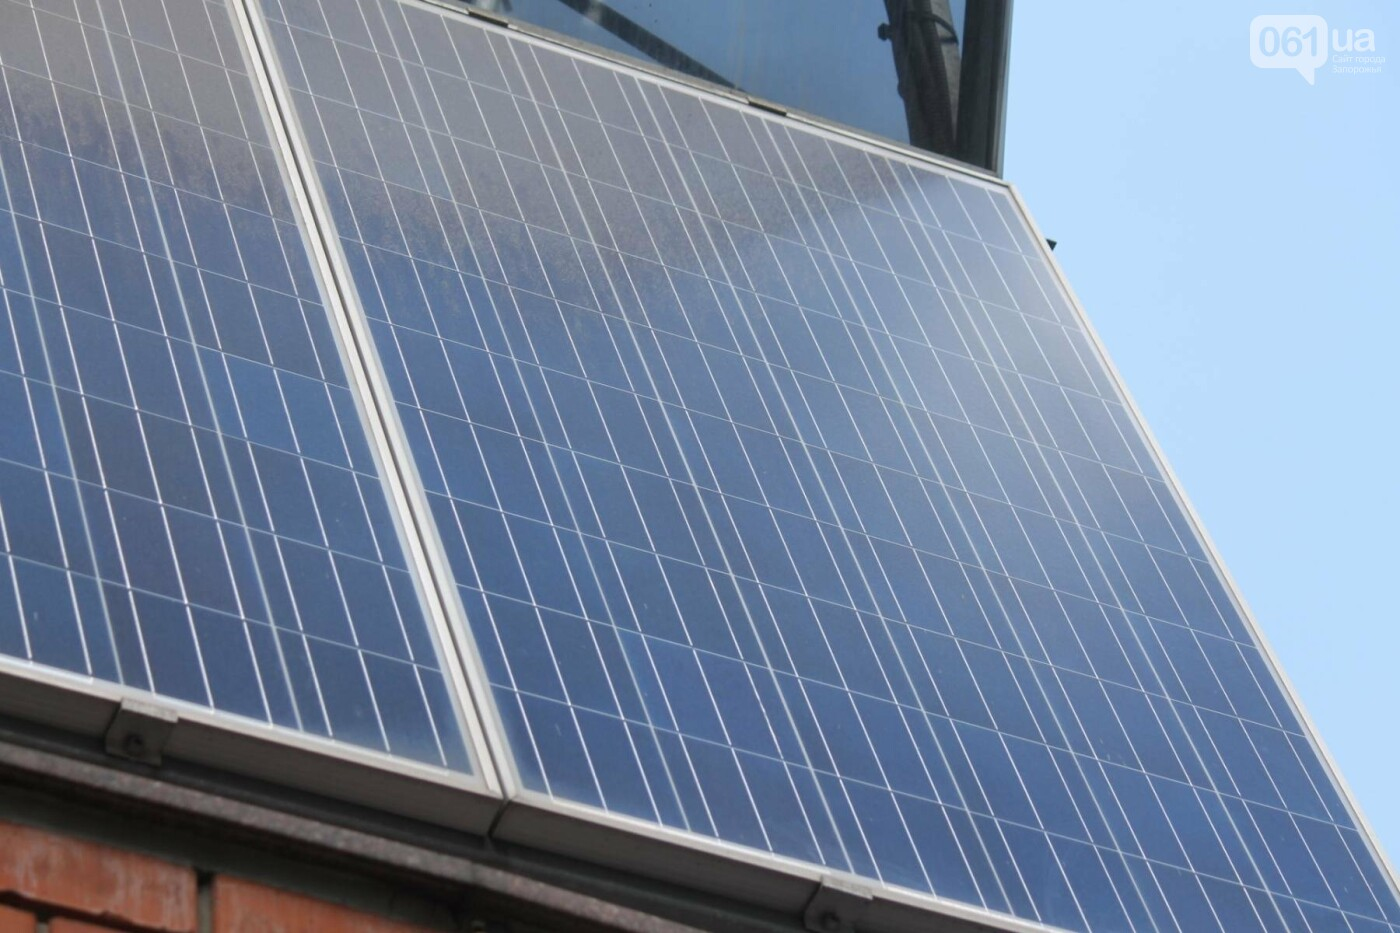 «Мы реализуем проекты, которые другим кажутся невыполнимыми»: как запорожская компания строит уникальные солнечные станции, фото-13